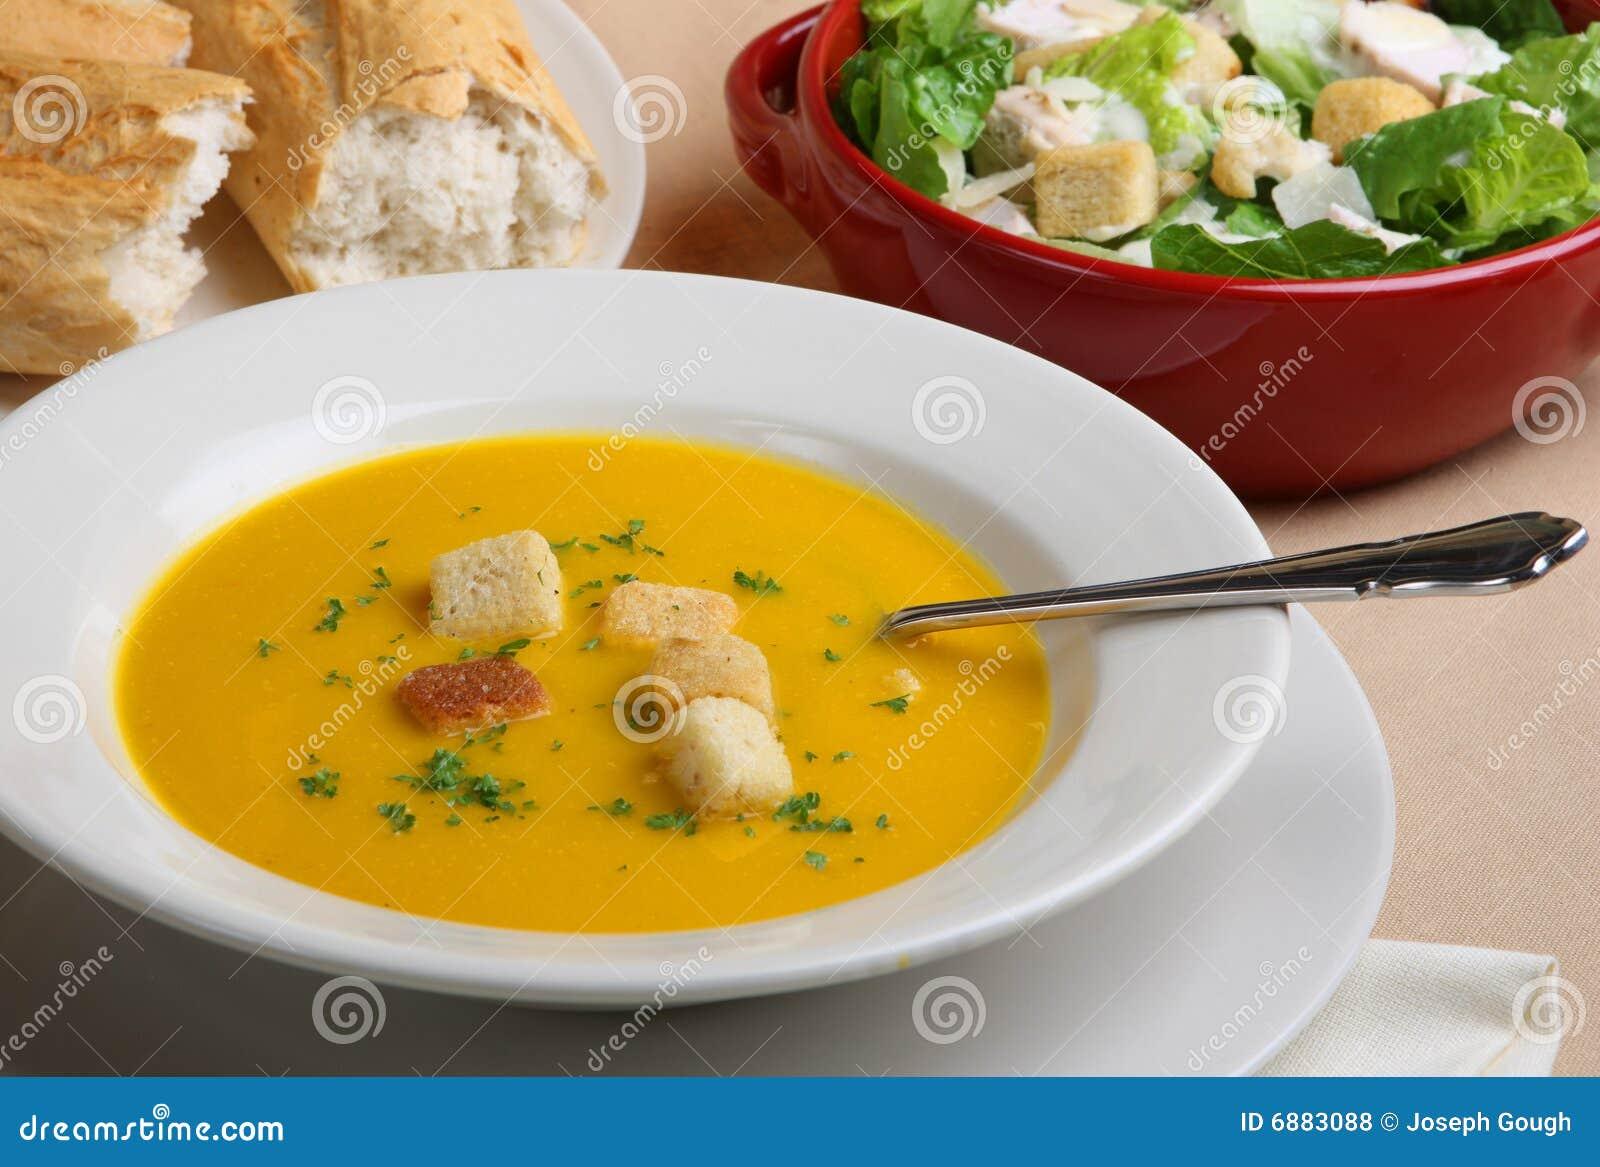 Pumpkin Soup, Salad & Bread